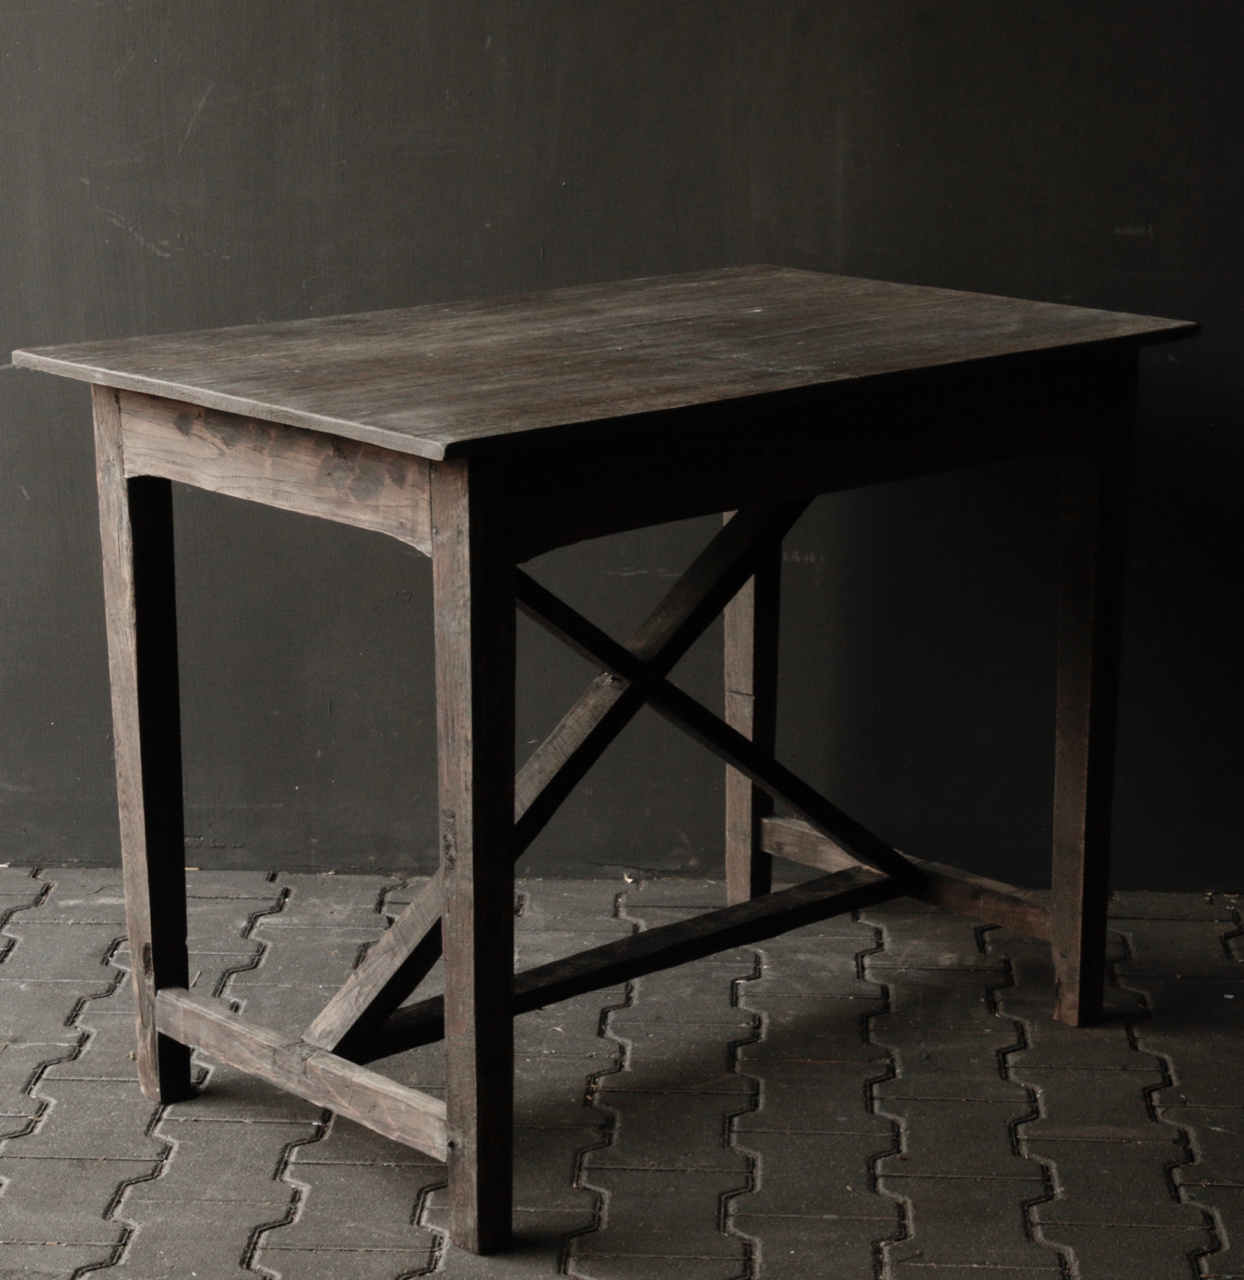 Robuster alter Beistelltisch / Wandtisch aus altem Holz mit einer Schublade-7